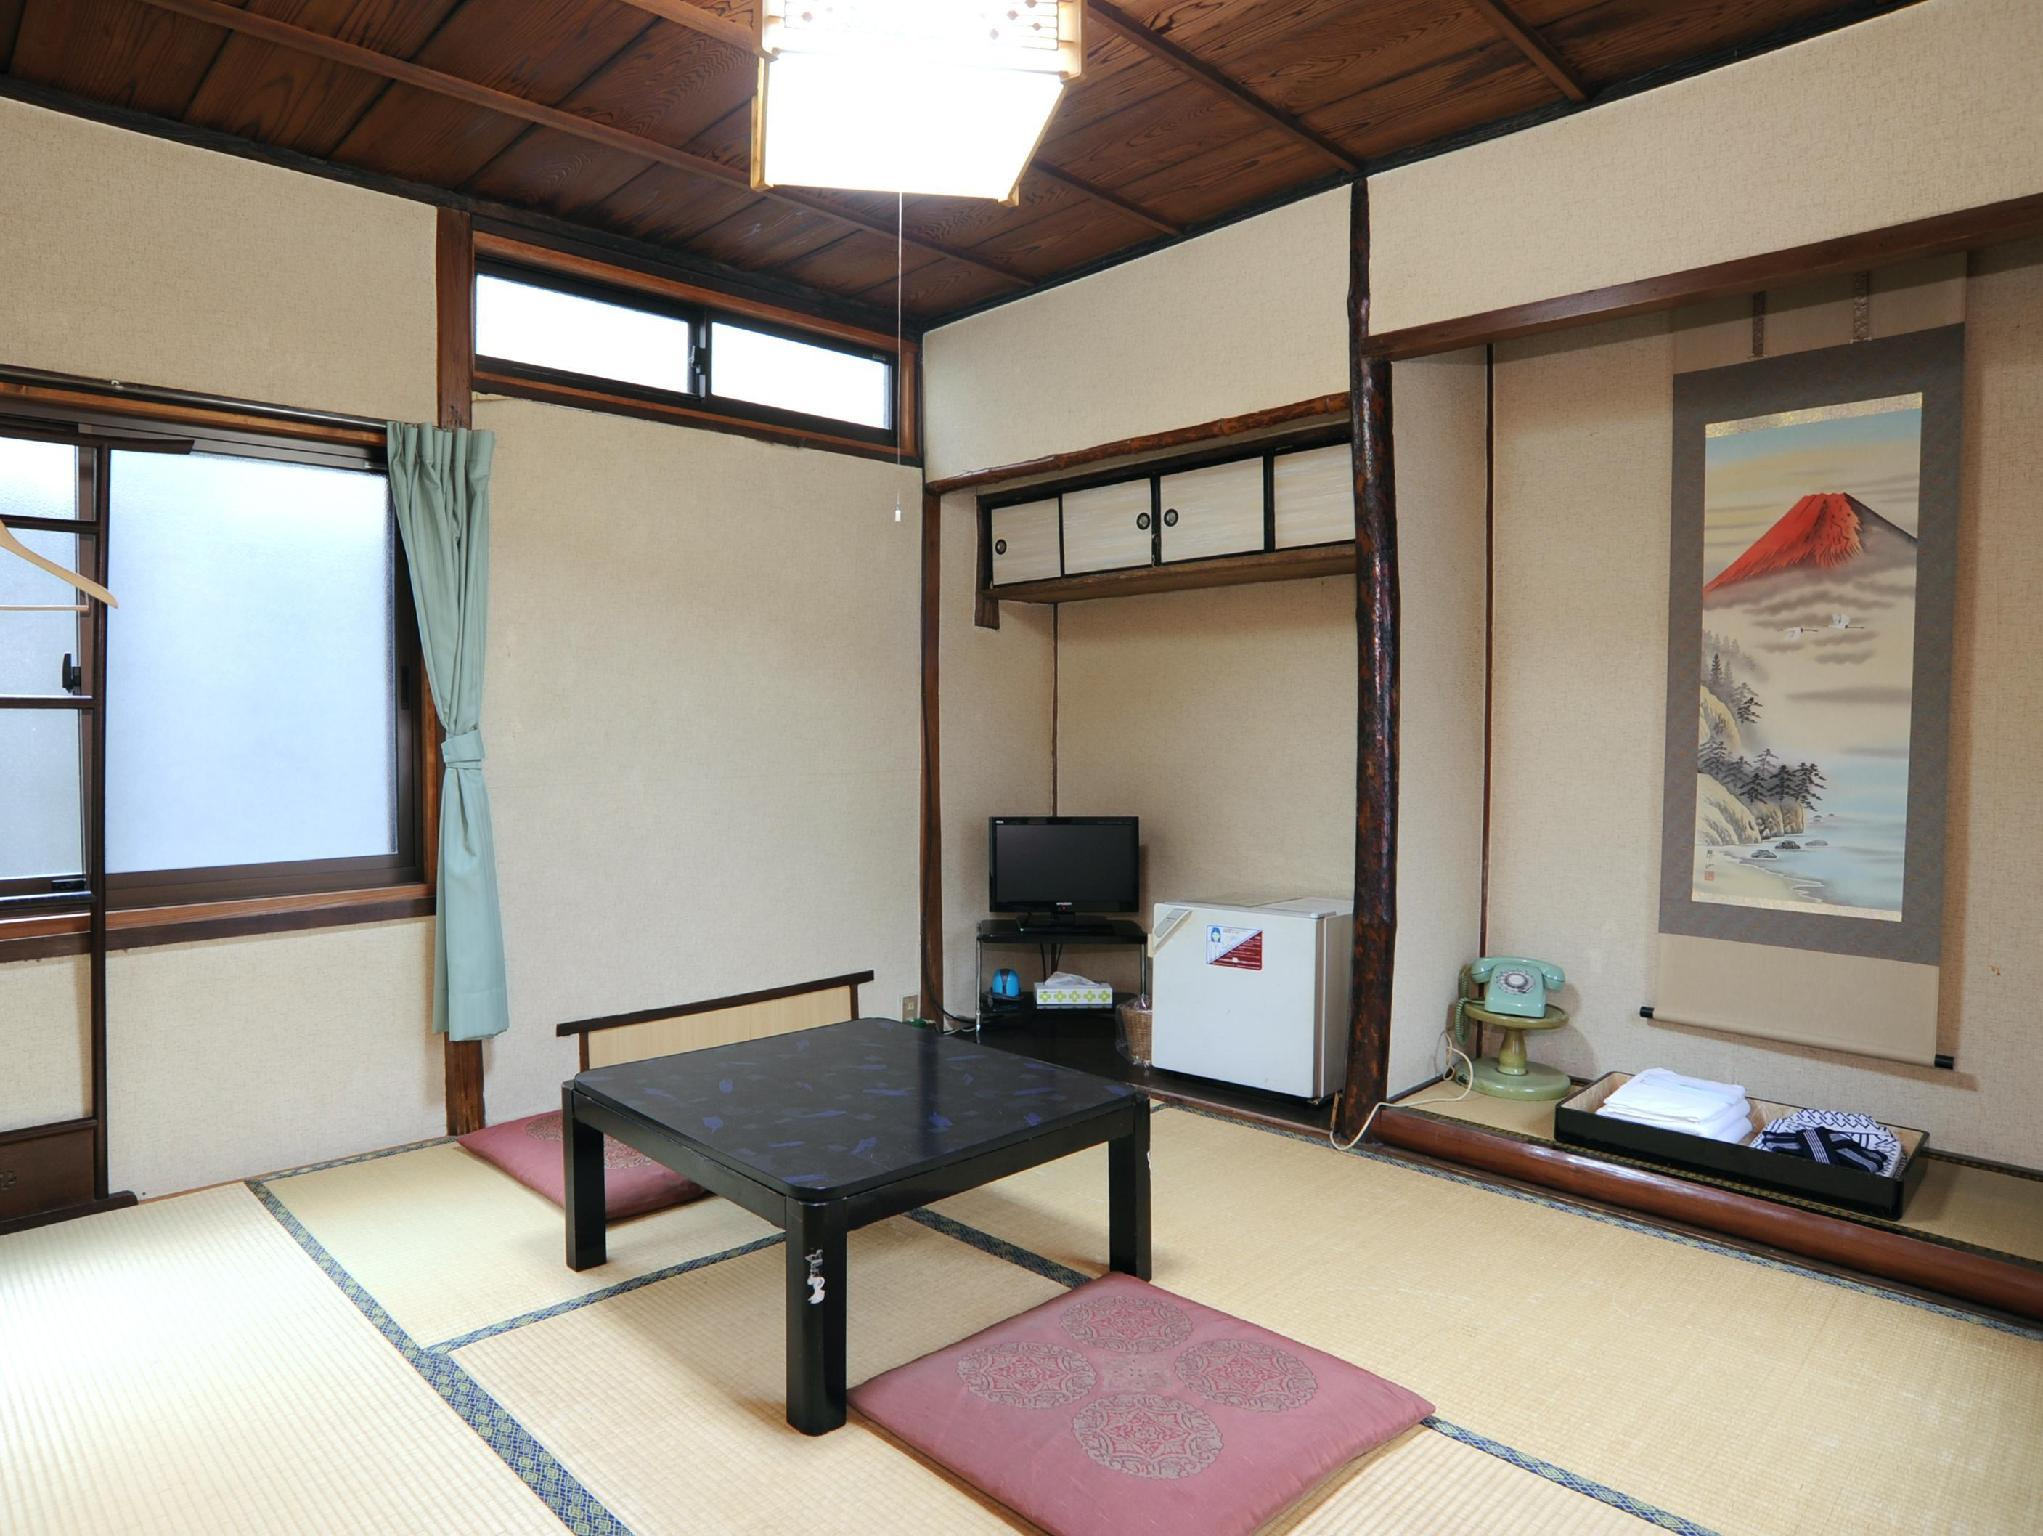 Japanese ryokan kashima honkan fukuoka ofertas de ltimo for Ofertas de futones